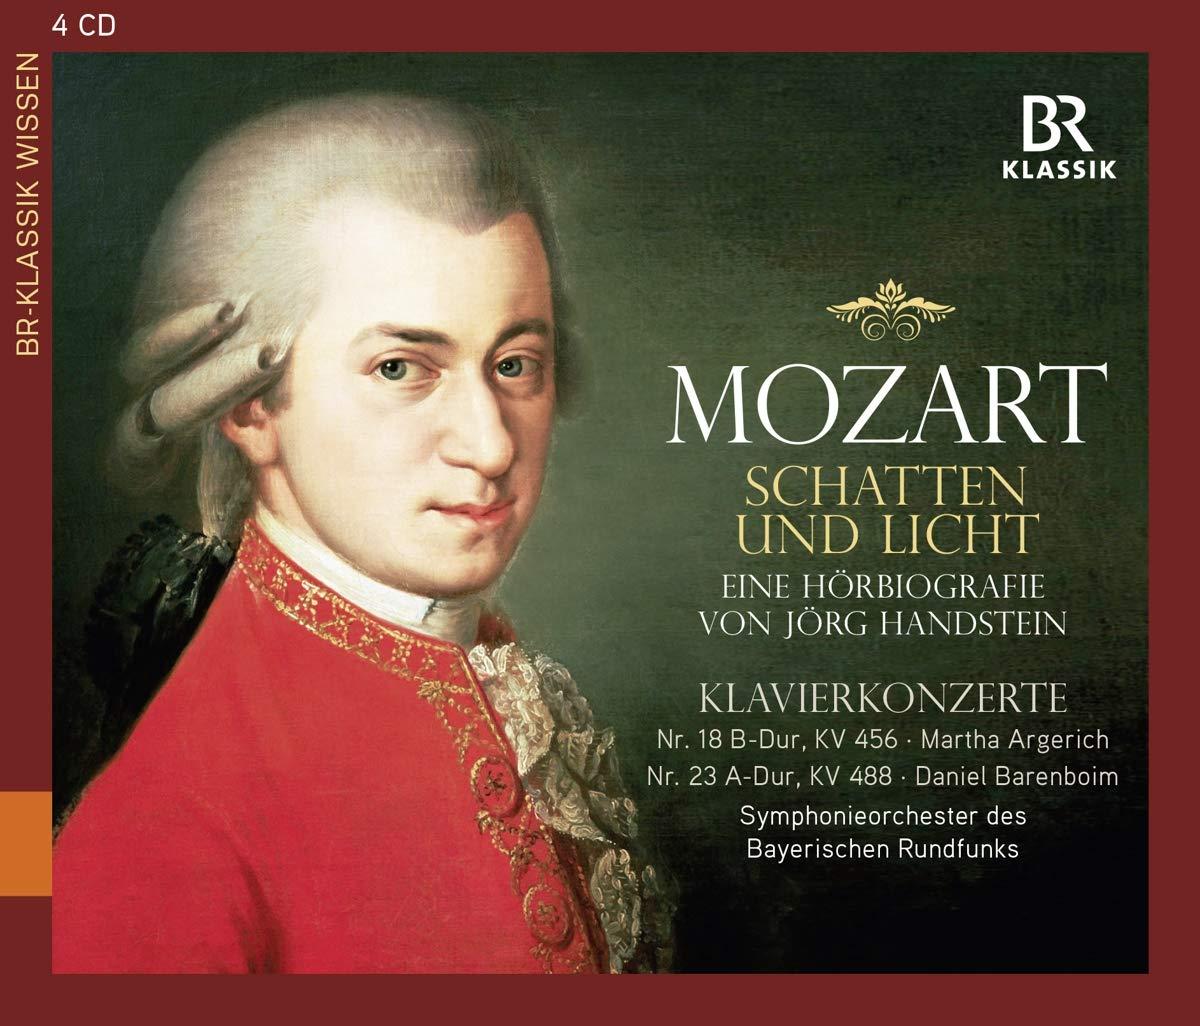 Ein Mozart-Paket, das reine Freude bereitet